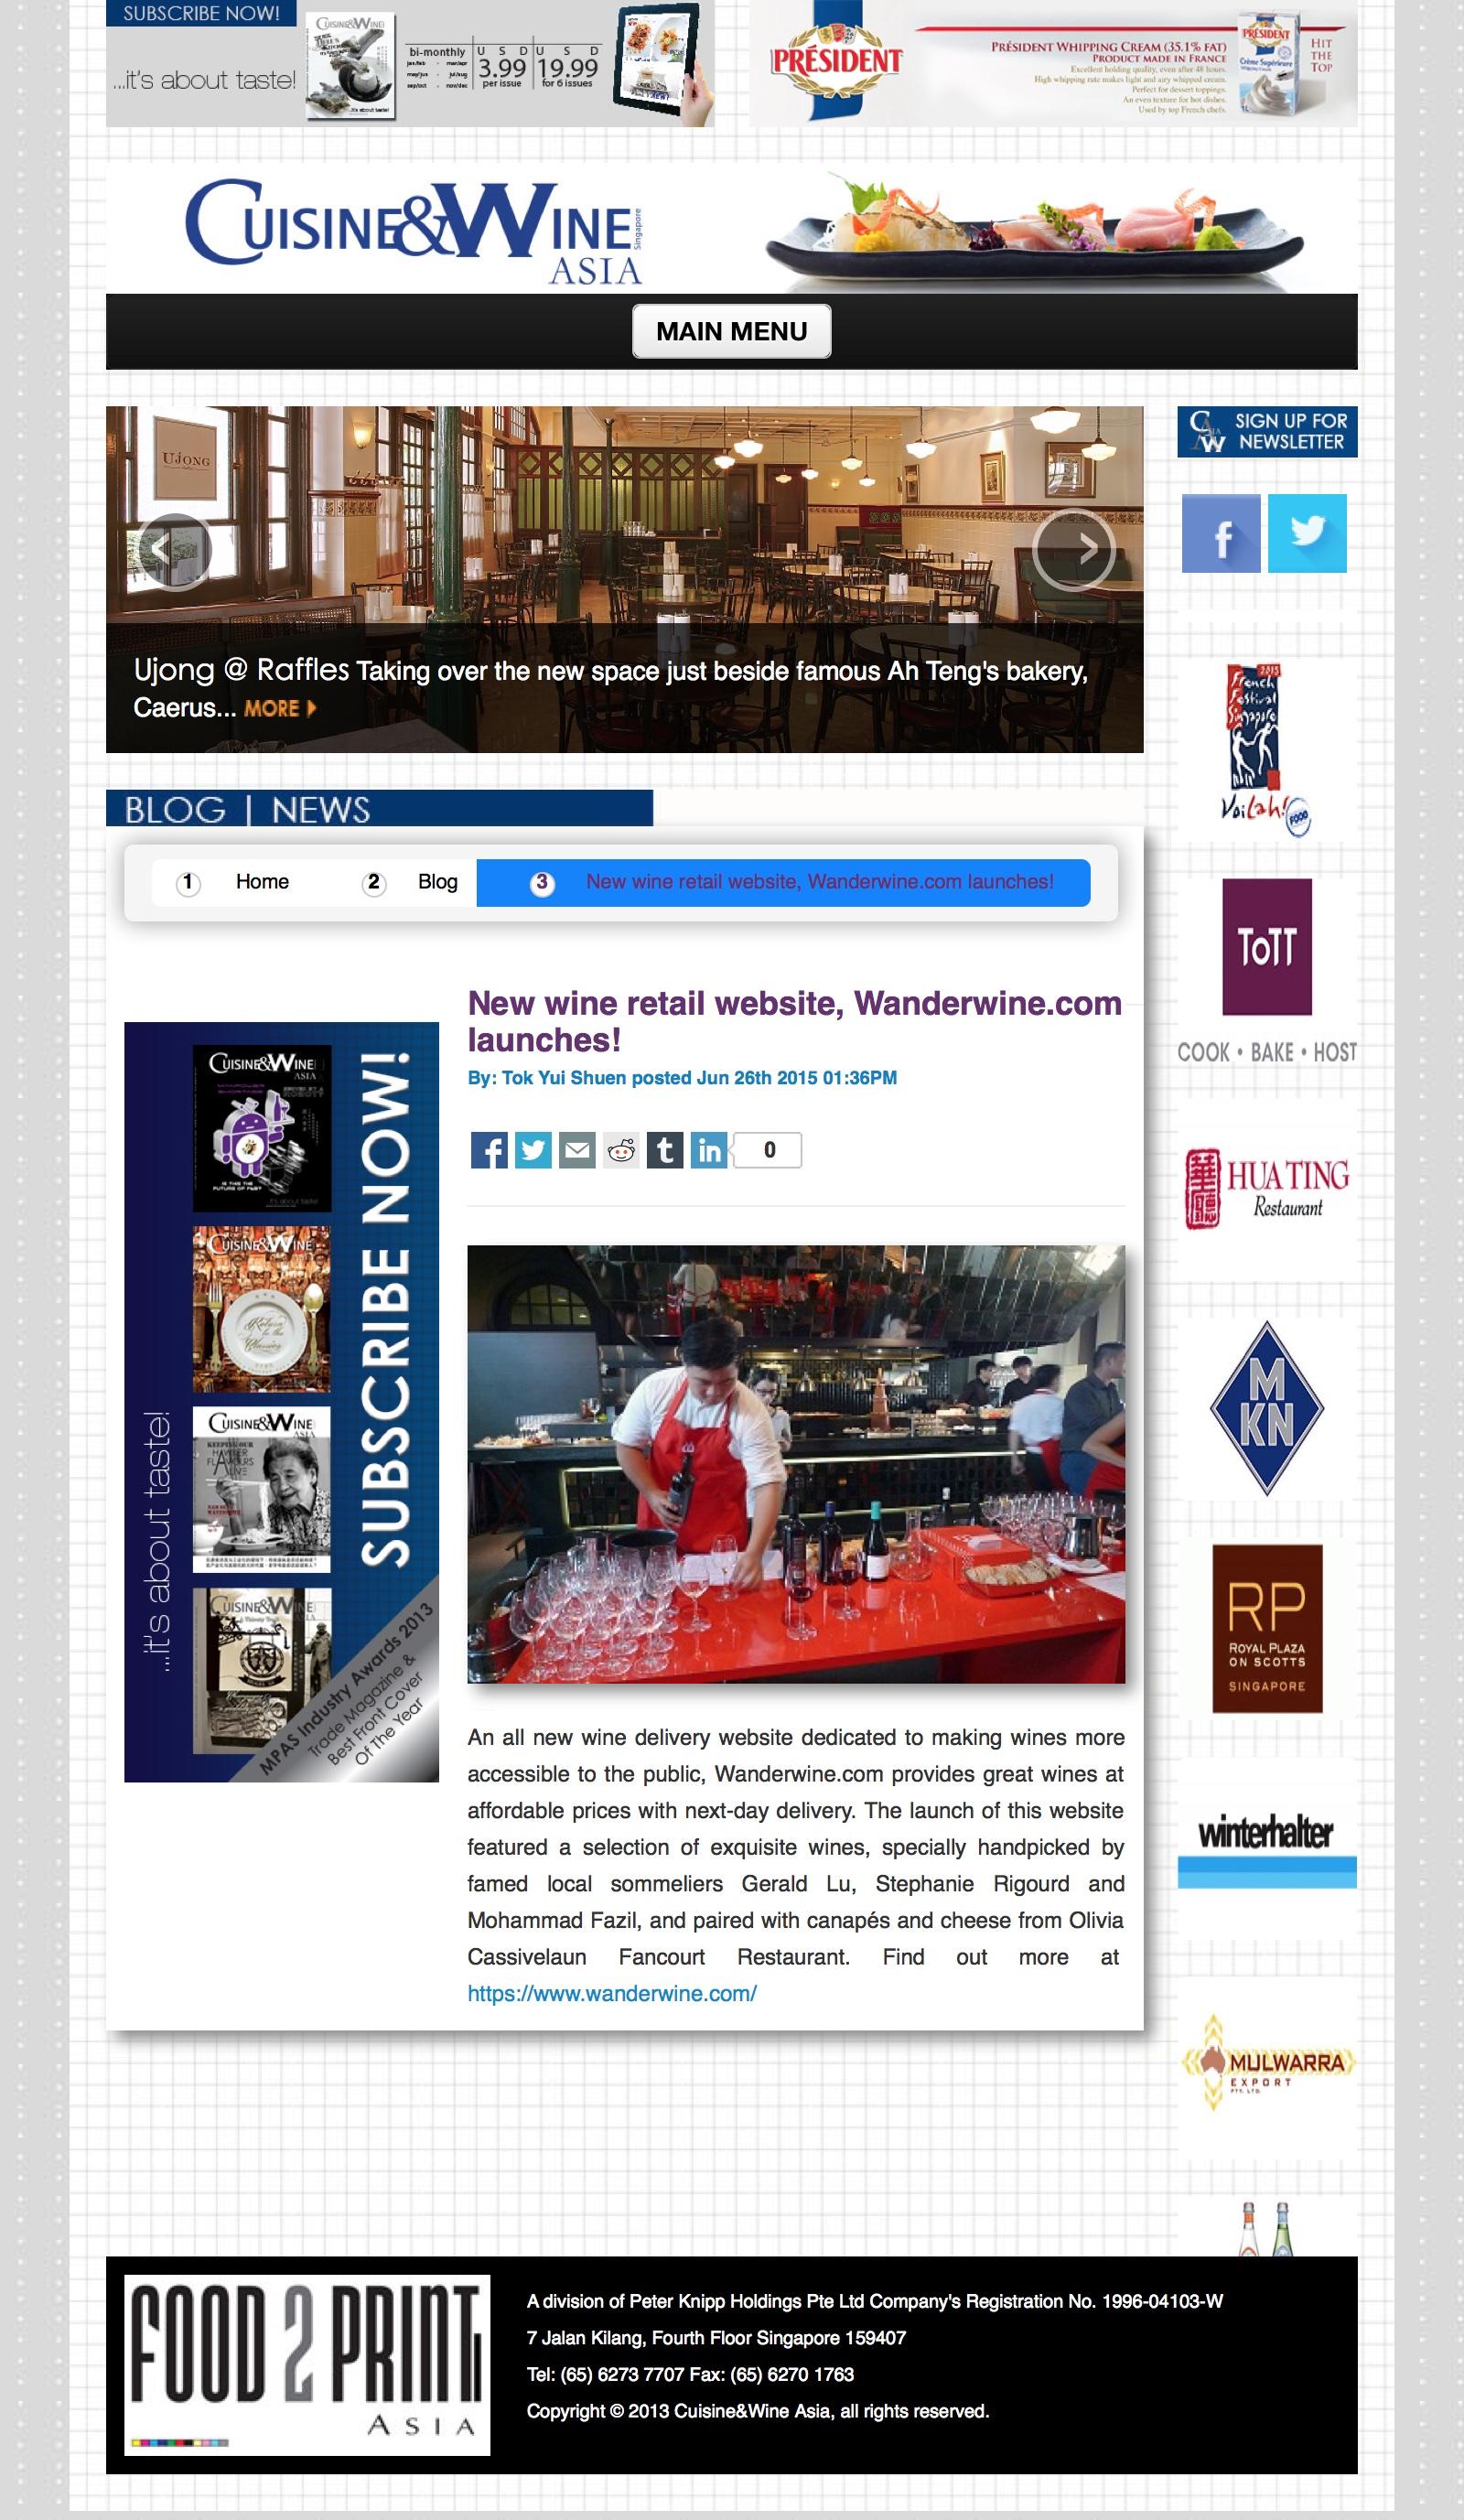 Cuisine & Wine Asia Online